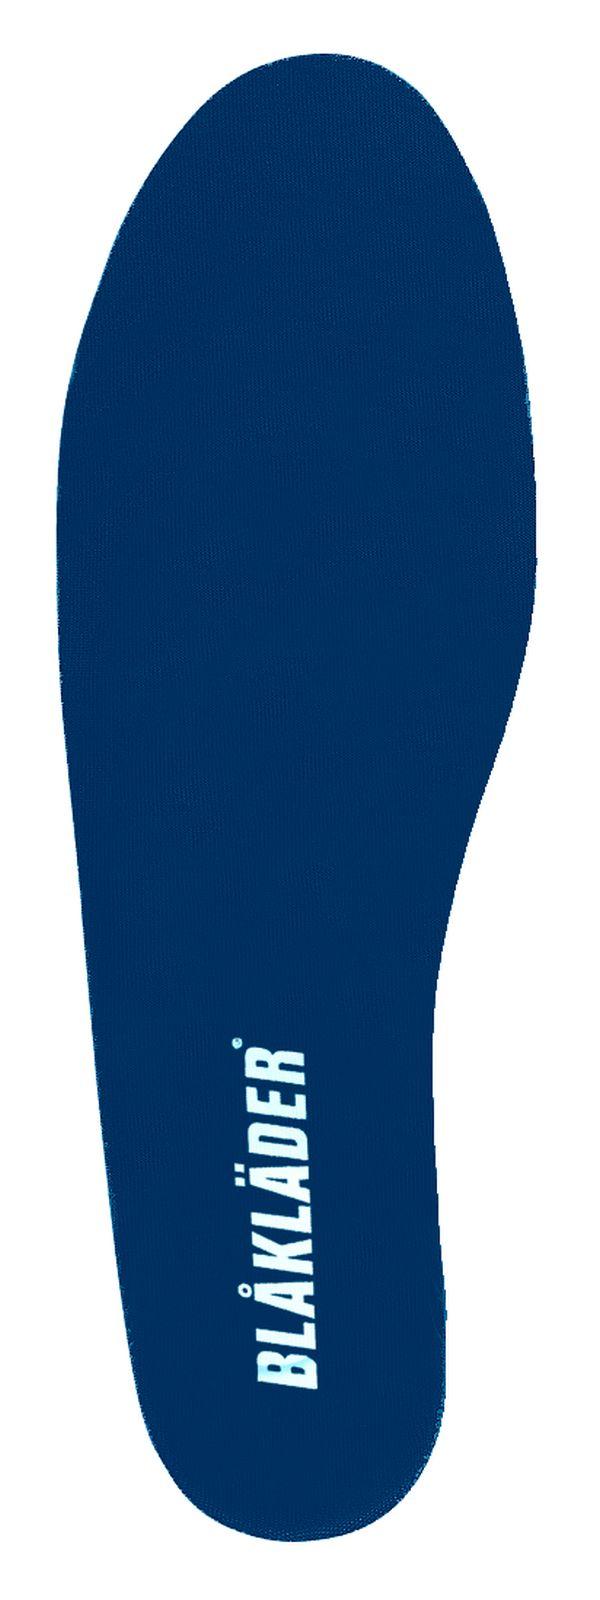 Blaklader Inlegzolen 24641091 blauw(8200)